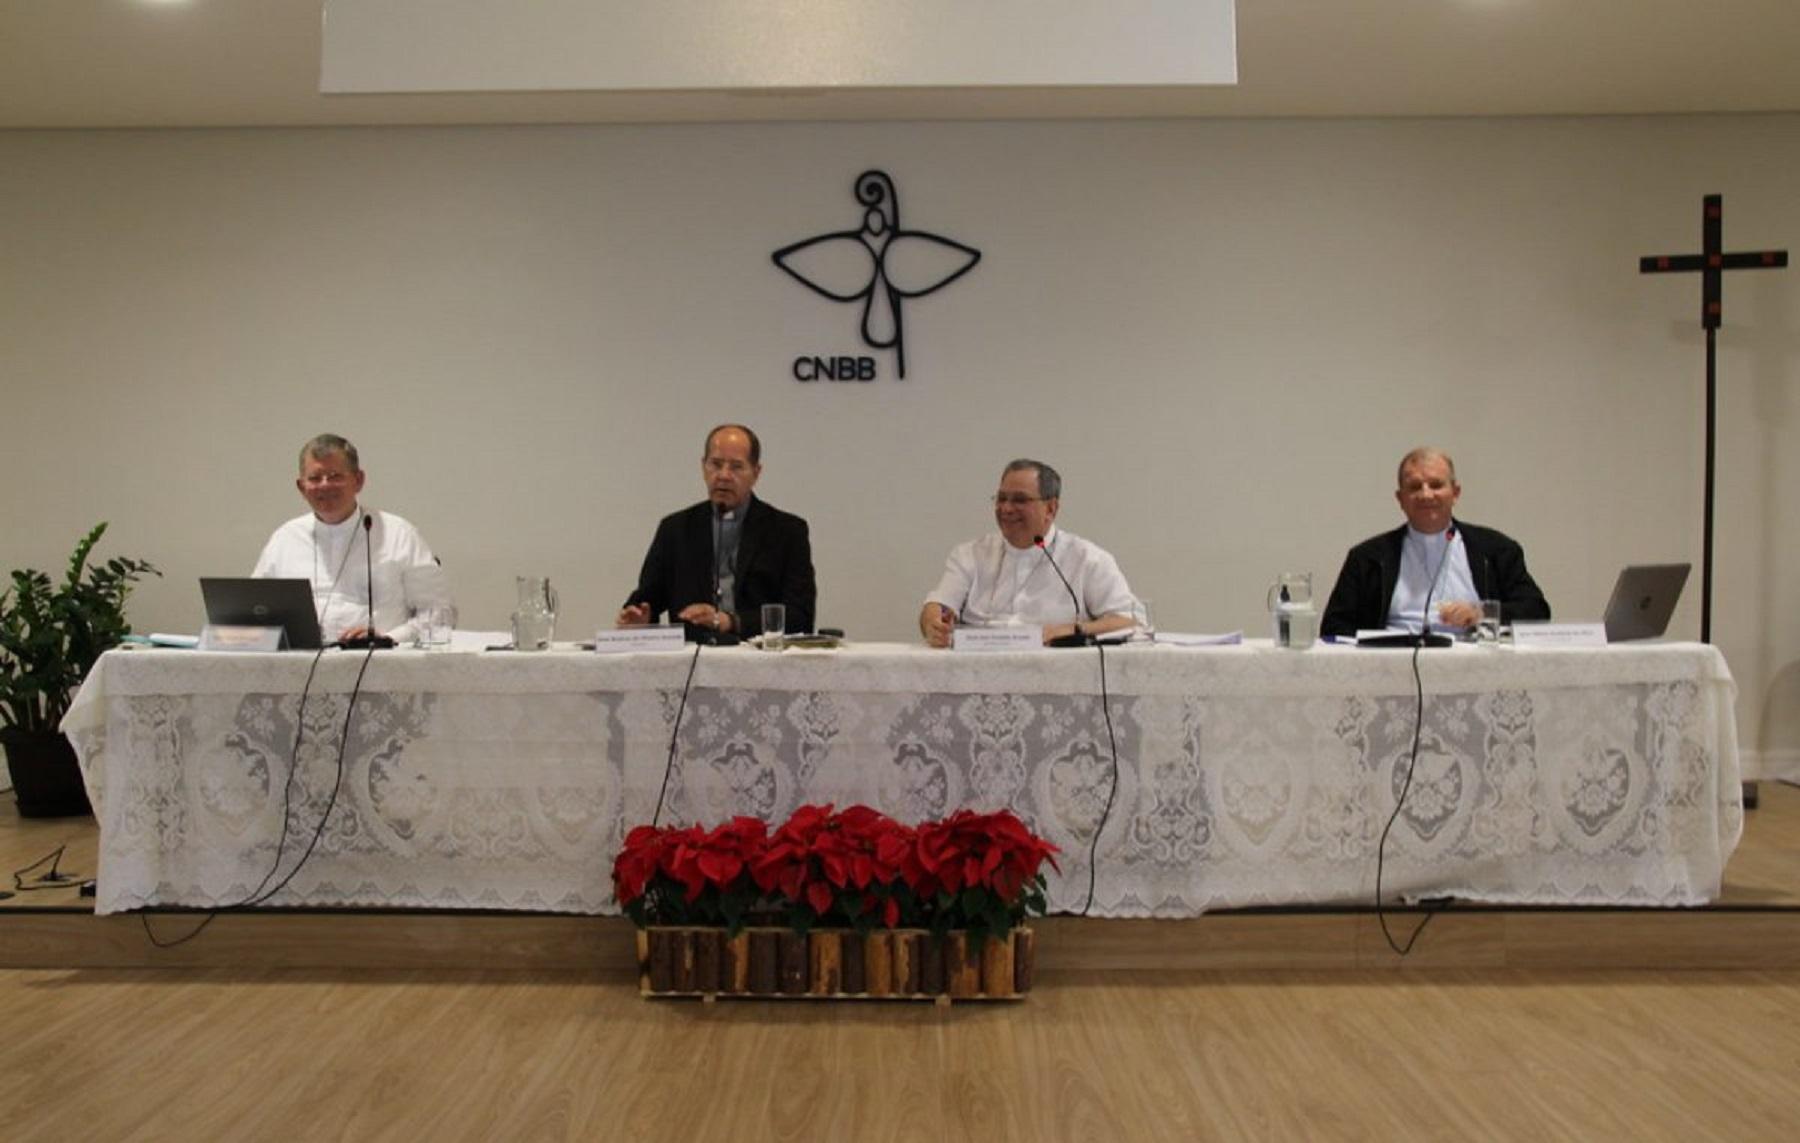 Presidente da CNBB, dom Walmor Oliveira de Azevedo, faz balanço da 100ª reunião do Conselho Permanente